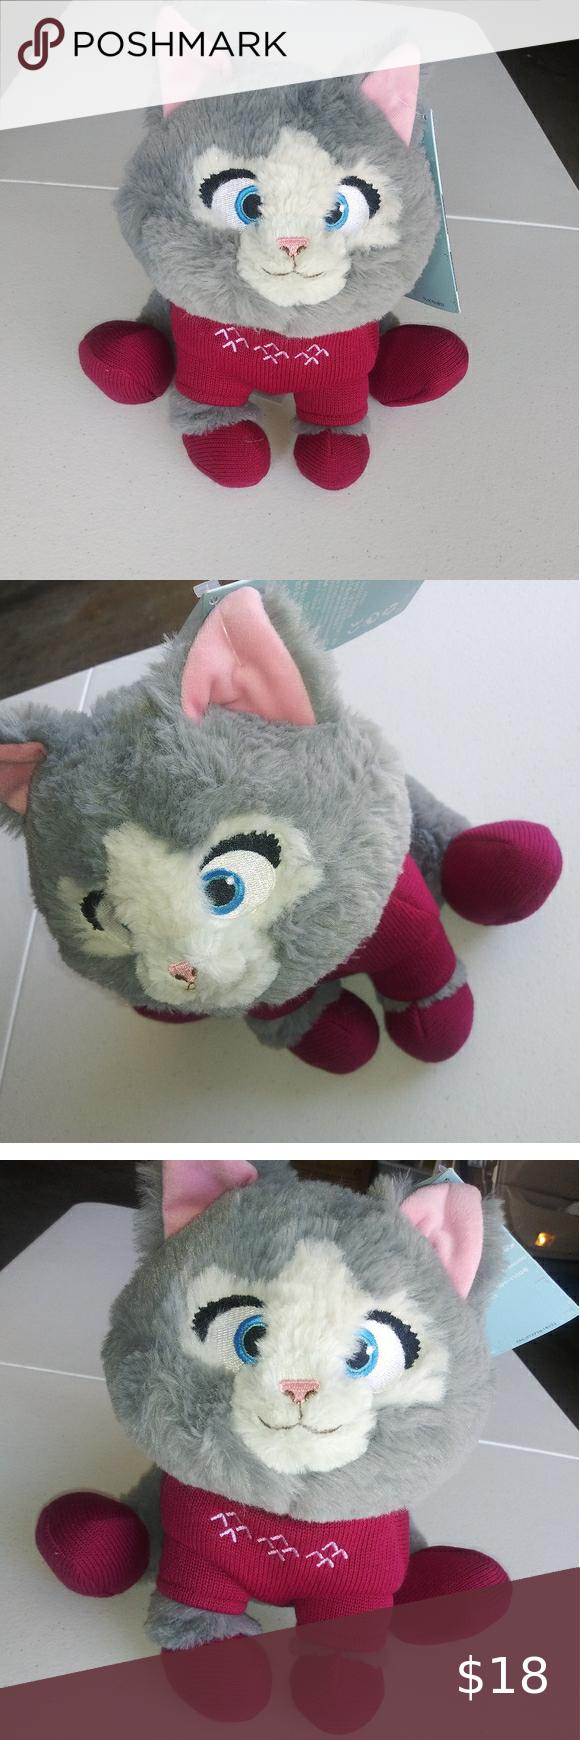 Disney S Frozen Kitten Plush Nwt In 2020 Disney Frozen Kitten Toys Kitten